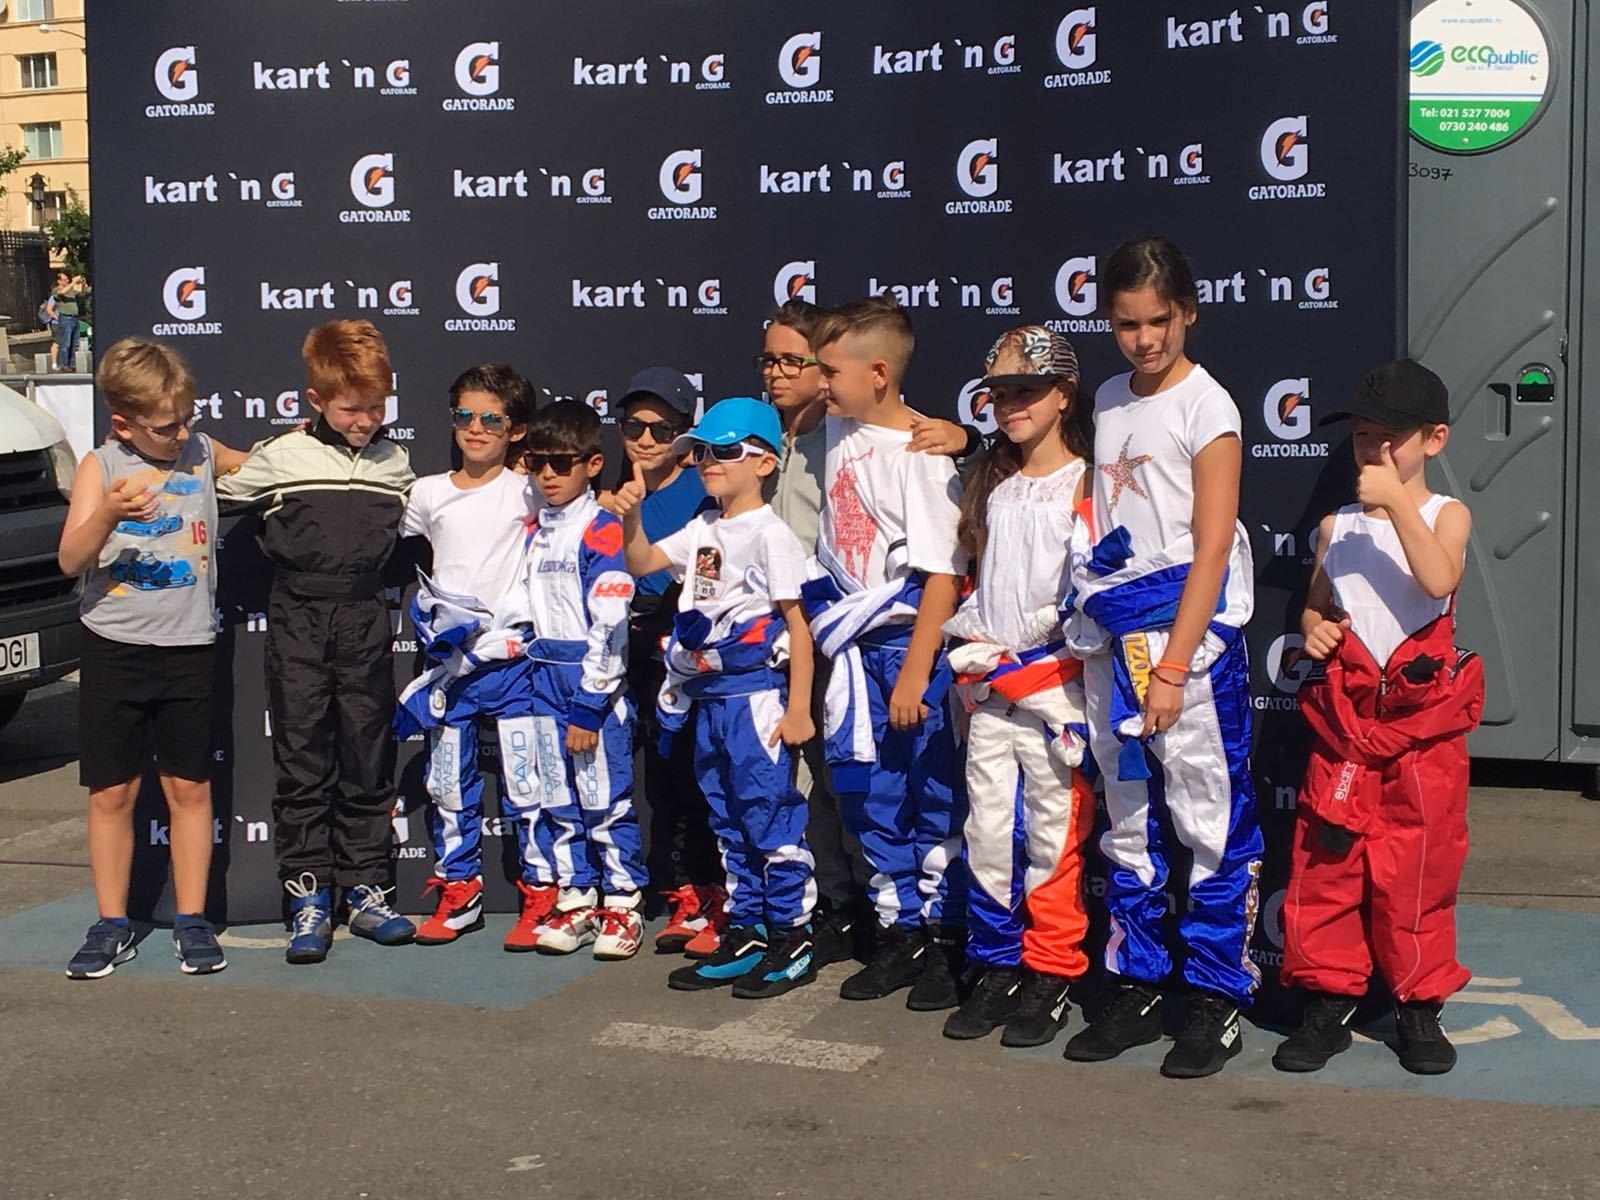 FOTO, VIDEO | Premieră MONDIALĂ la Bucureşti: SuperCupa României la karting electric pentru copii, un eveniment plin de viteză şi distracţie